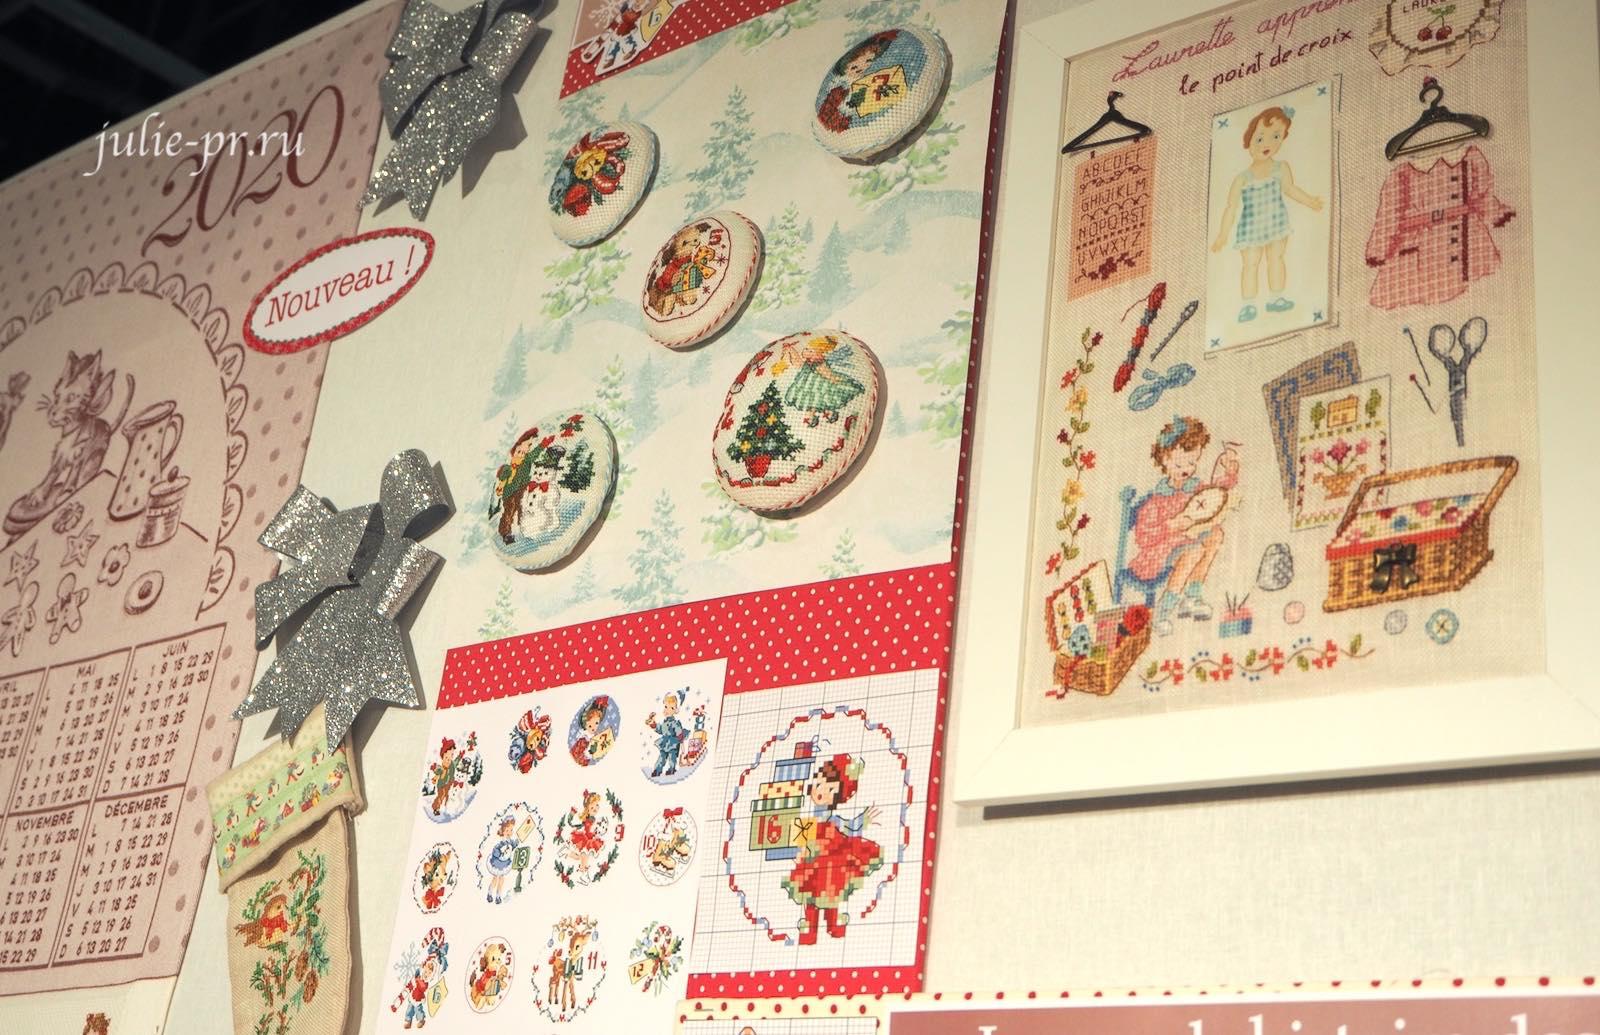 Адвент-календарь №2, схемы вышивки, вышивка крестом, Les brodeuses parisiennes, Veronique Enginger, Парижские вышивальщицы